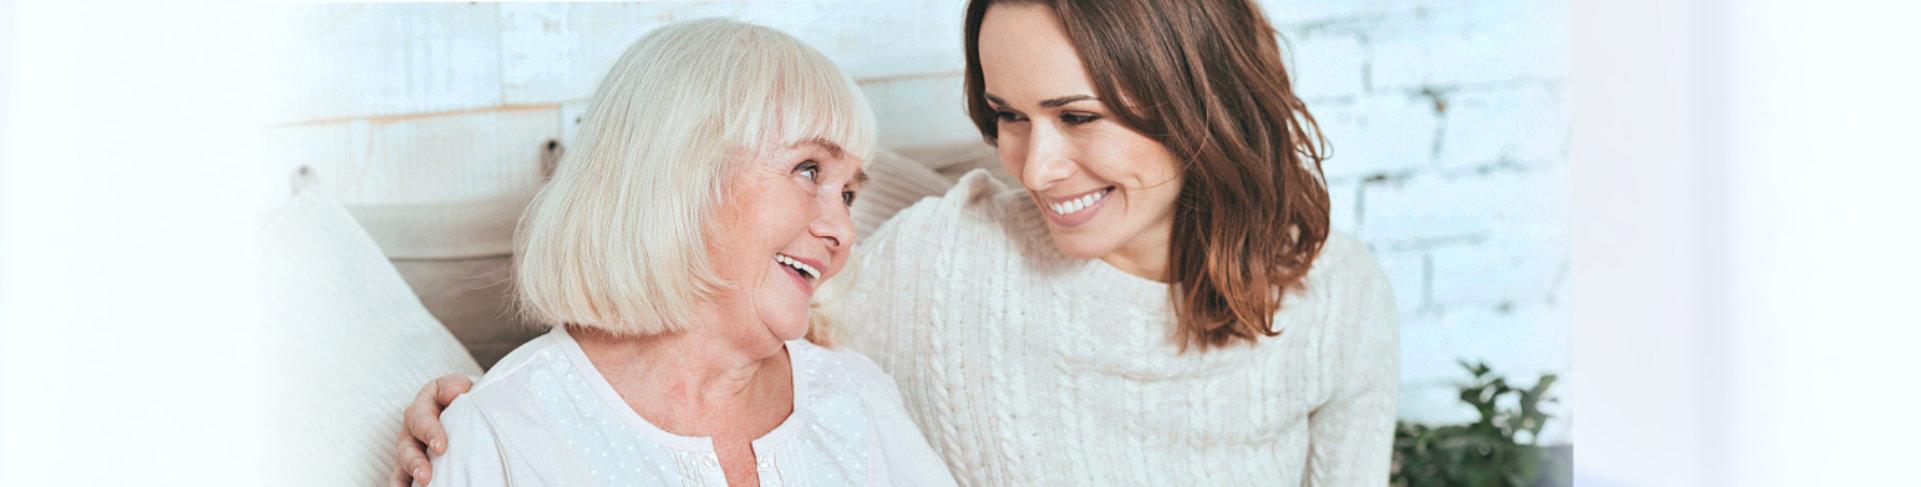 caregiver and elderly talking